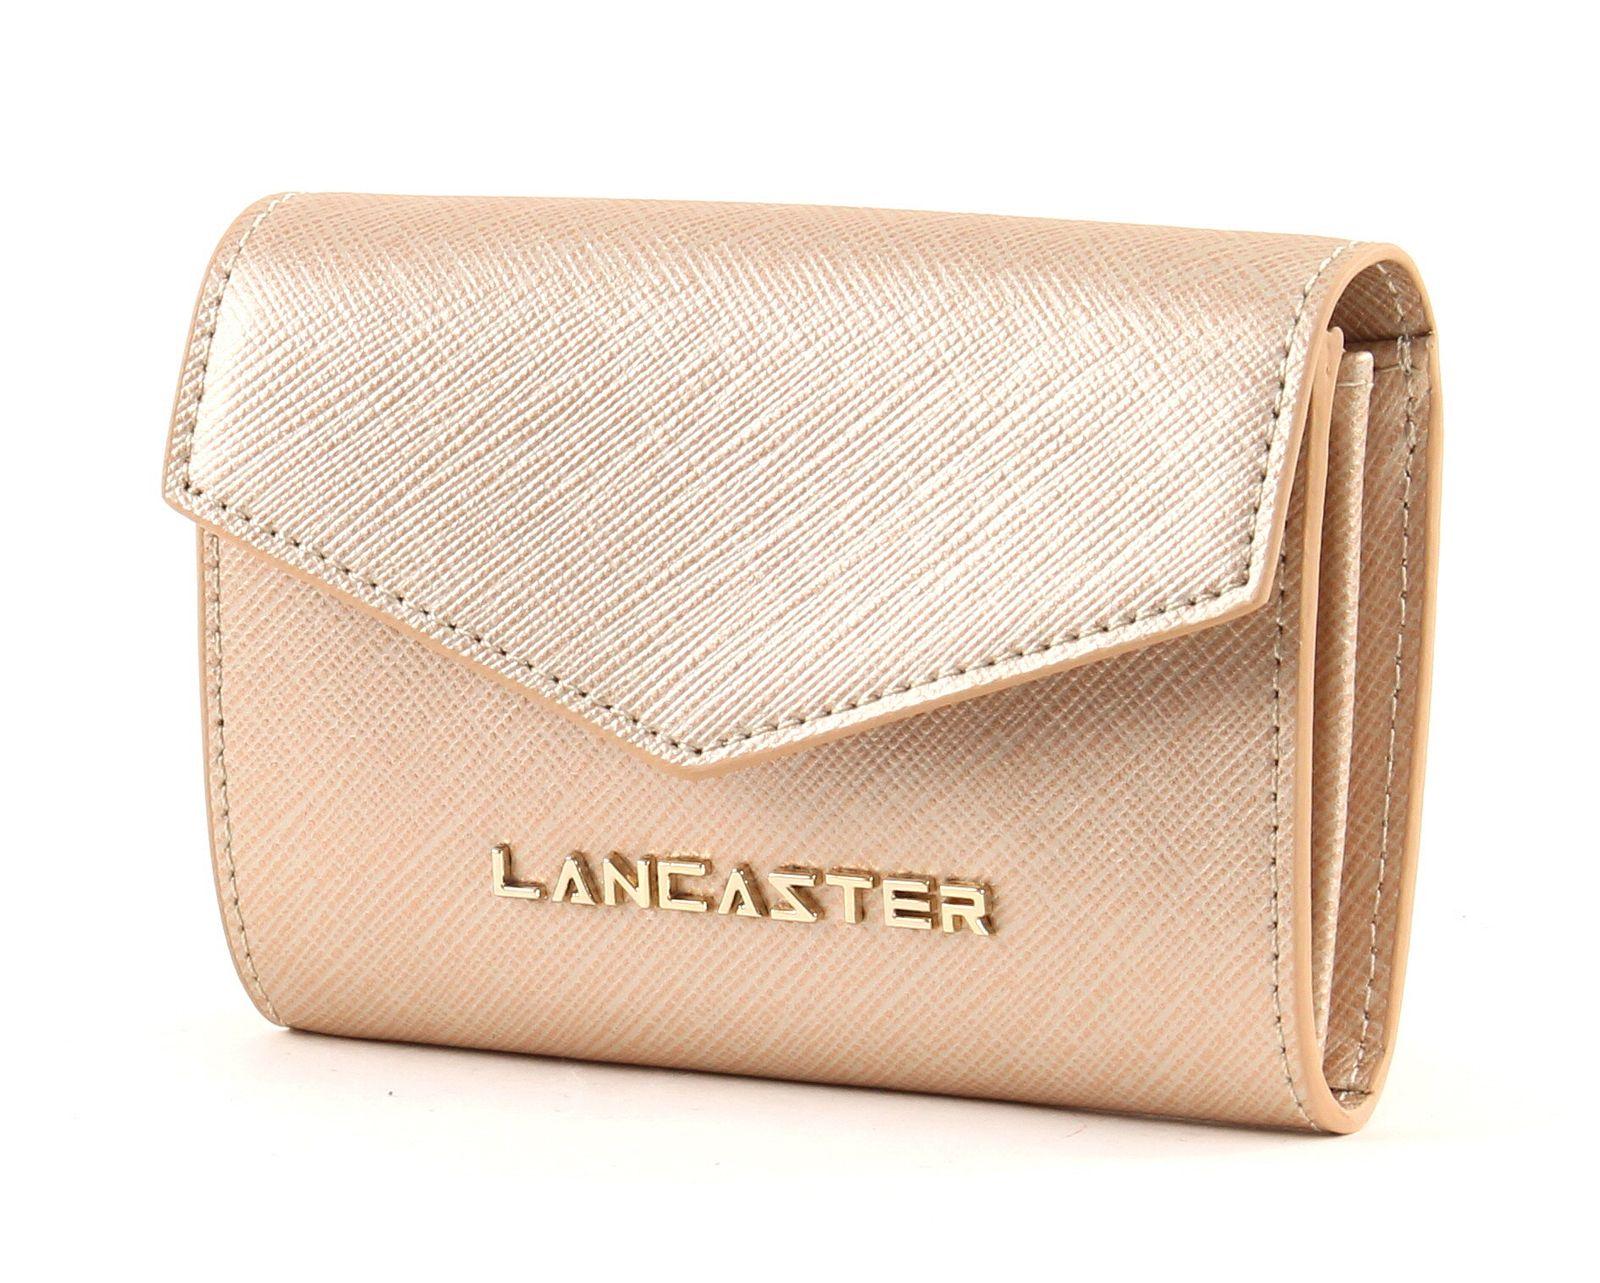 LANCASTER Saffiano Signature Flap Wallet S Champagne